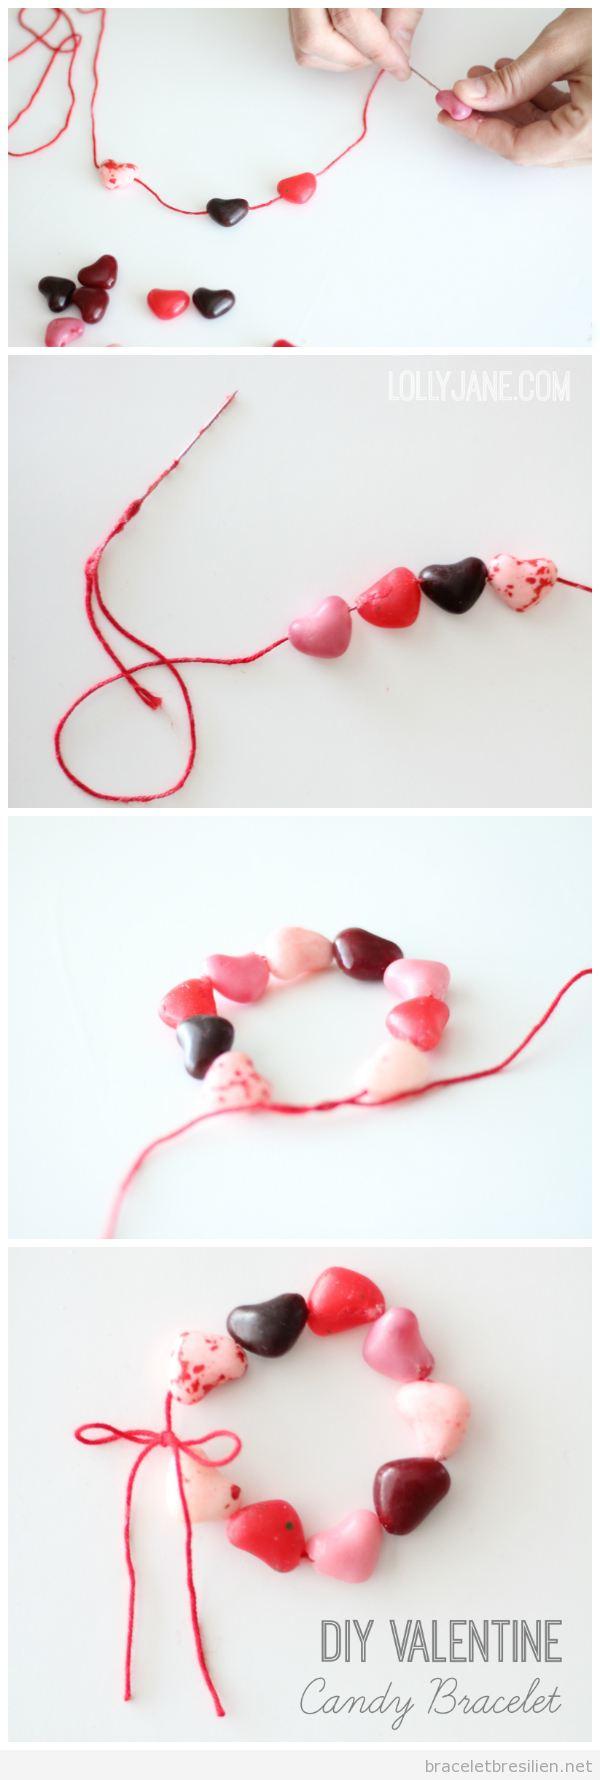 Tutoriel bracelet coeurs bonbon pour la Saint Valentin